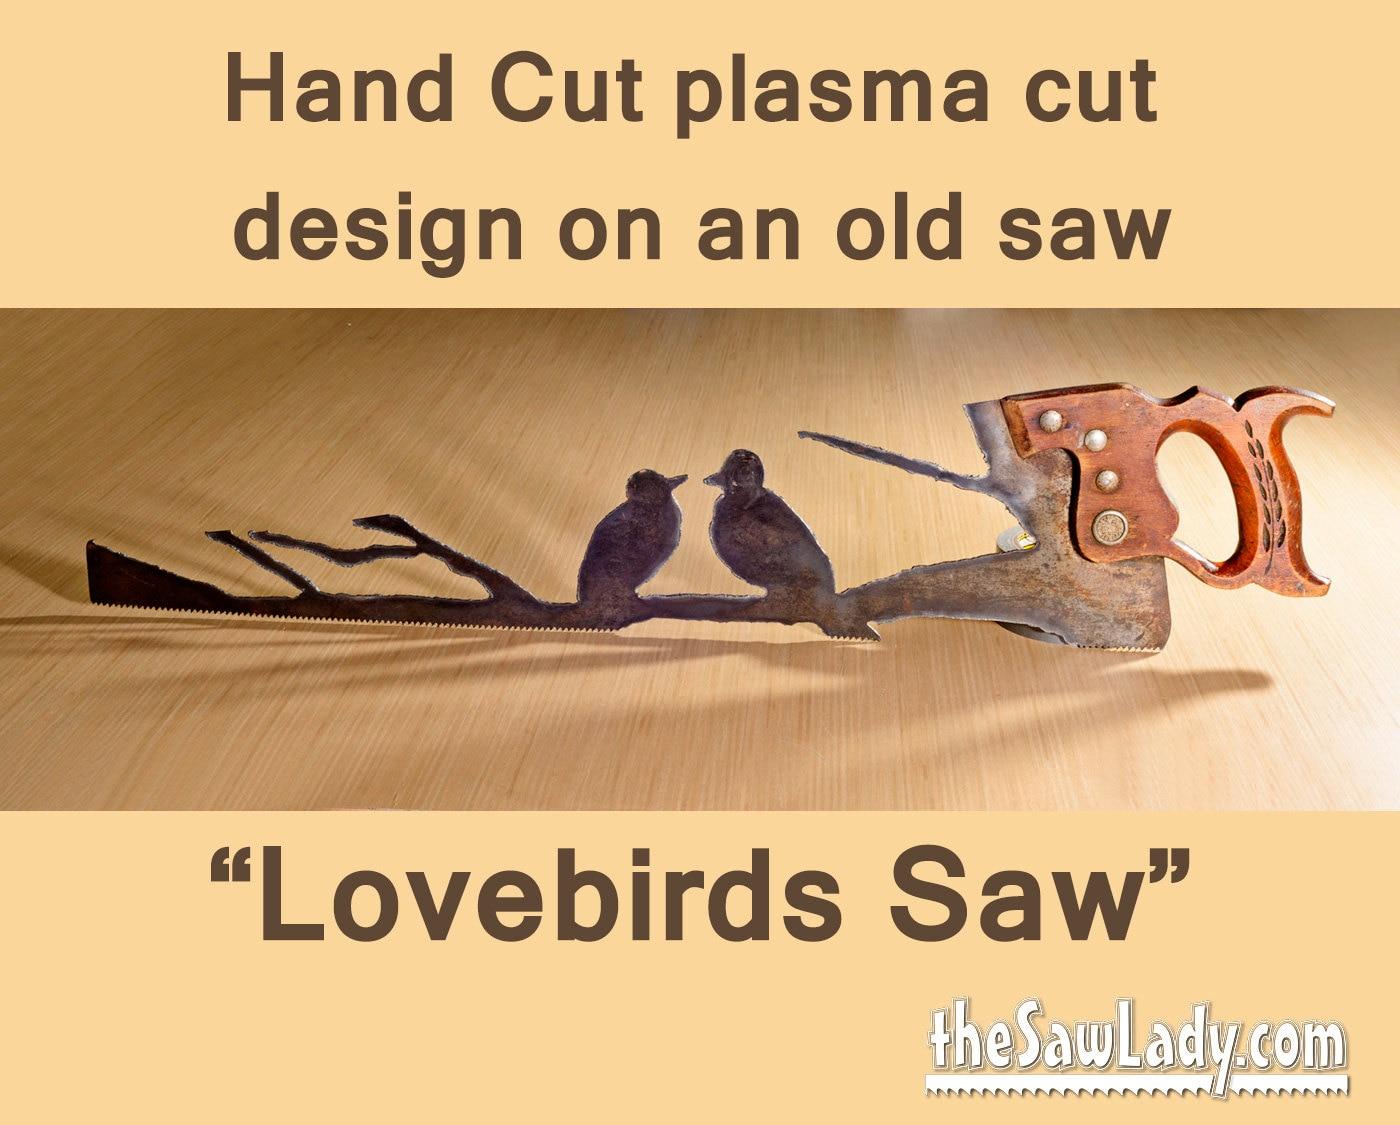 Metal Art Lovebirds design Hand plasma cut handsaw Wall   Etsy